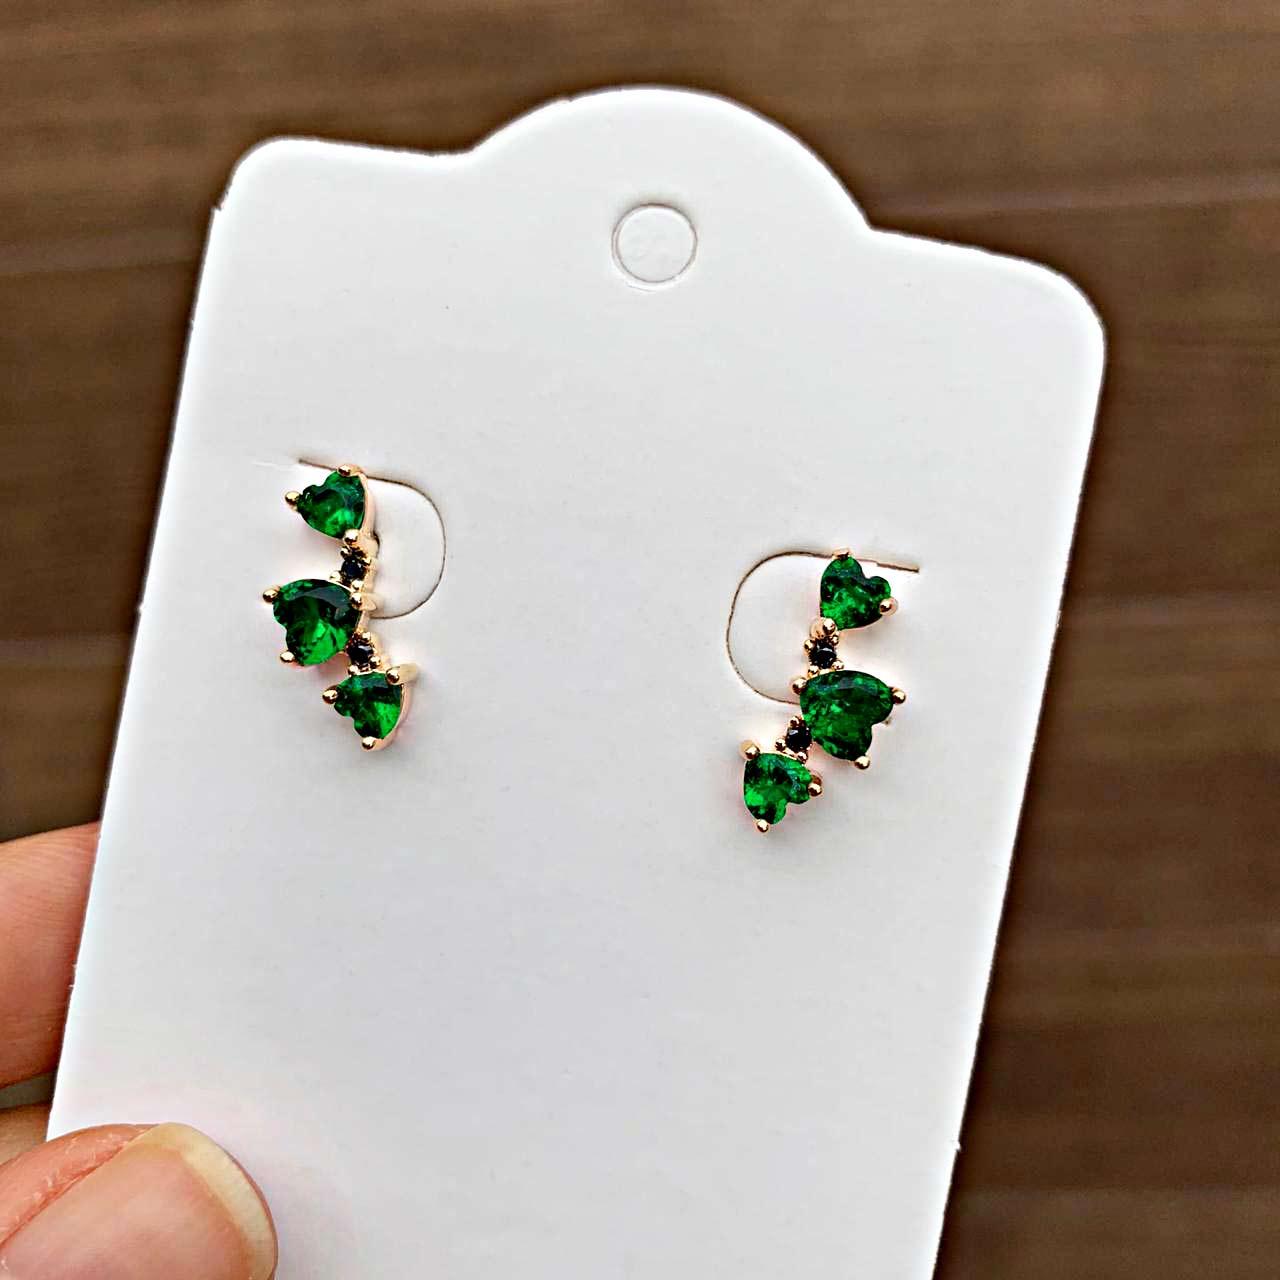 Brinco Semijoia Três Corações em Pedra Cristal Verde Esmeralda Folheado a Ouro 18K